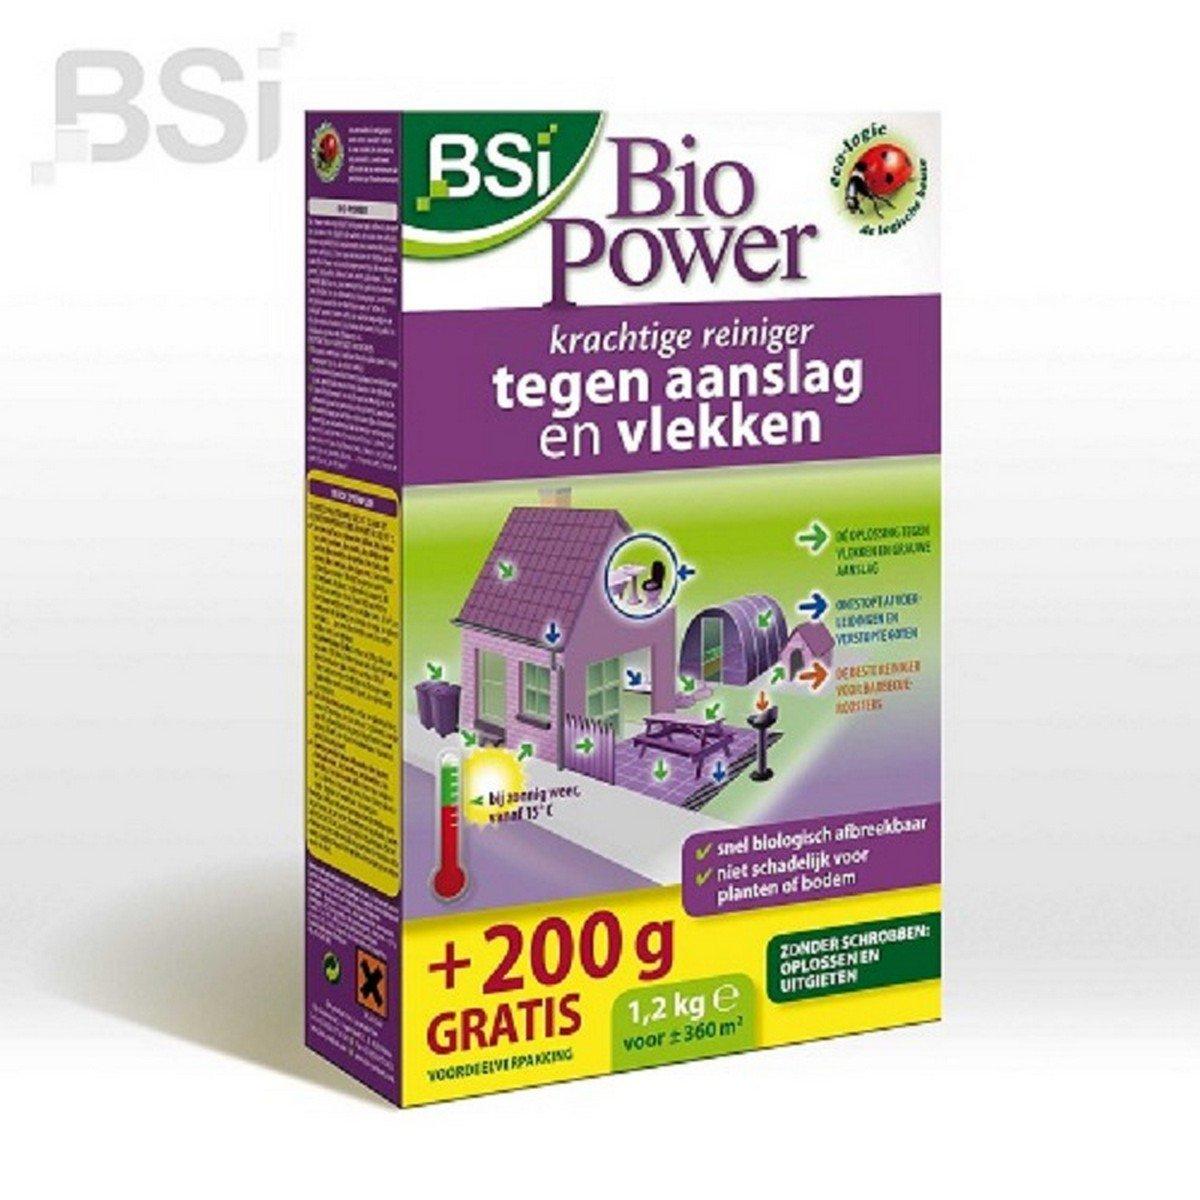 Afbeelding van BSI Aansla en Vlekkenreiniger Ontstopper Bio 1,2 kg